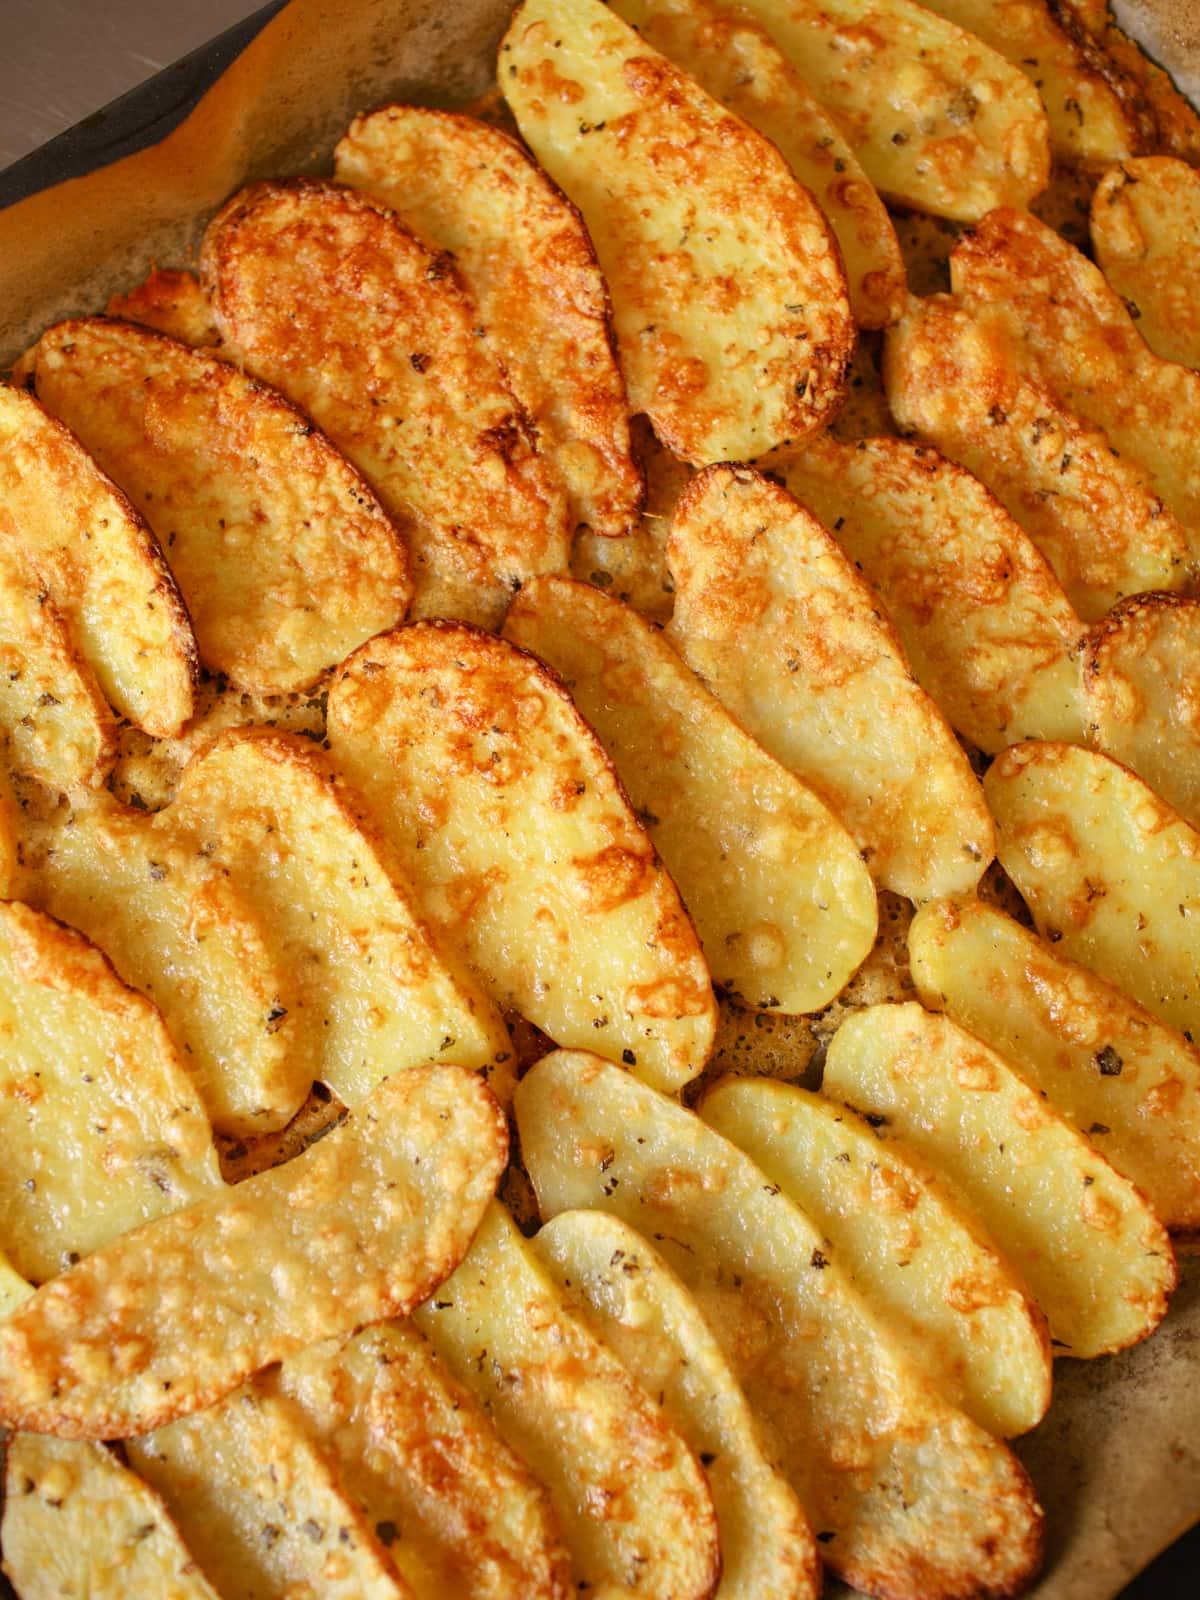 Kartoffelrouladen-gefüllt-mit-Spinat-Ricotta-und-buntem-Gemüse-ökoinstitut-Sterneacker (36)